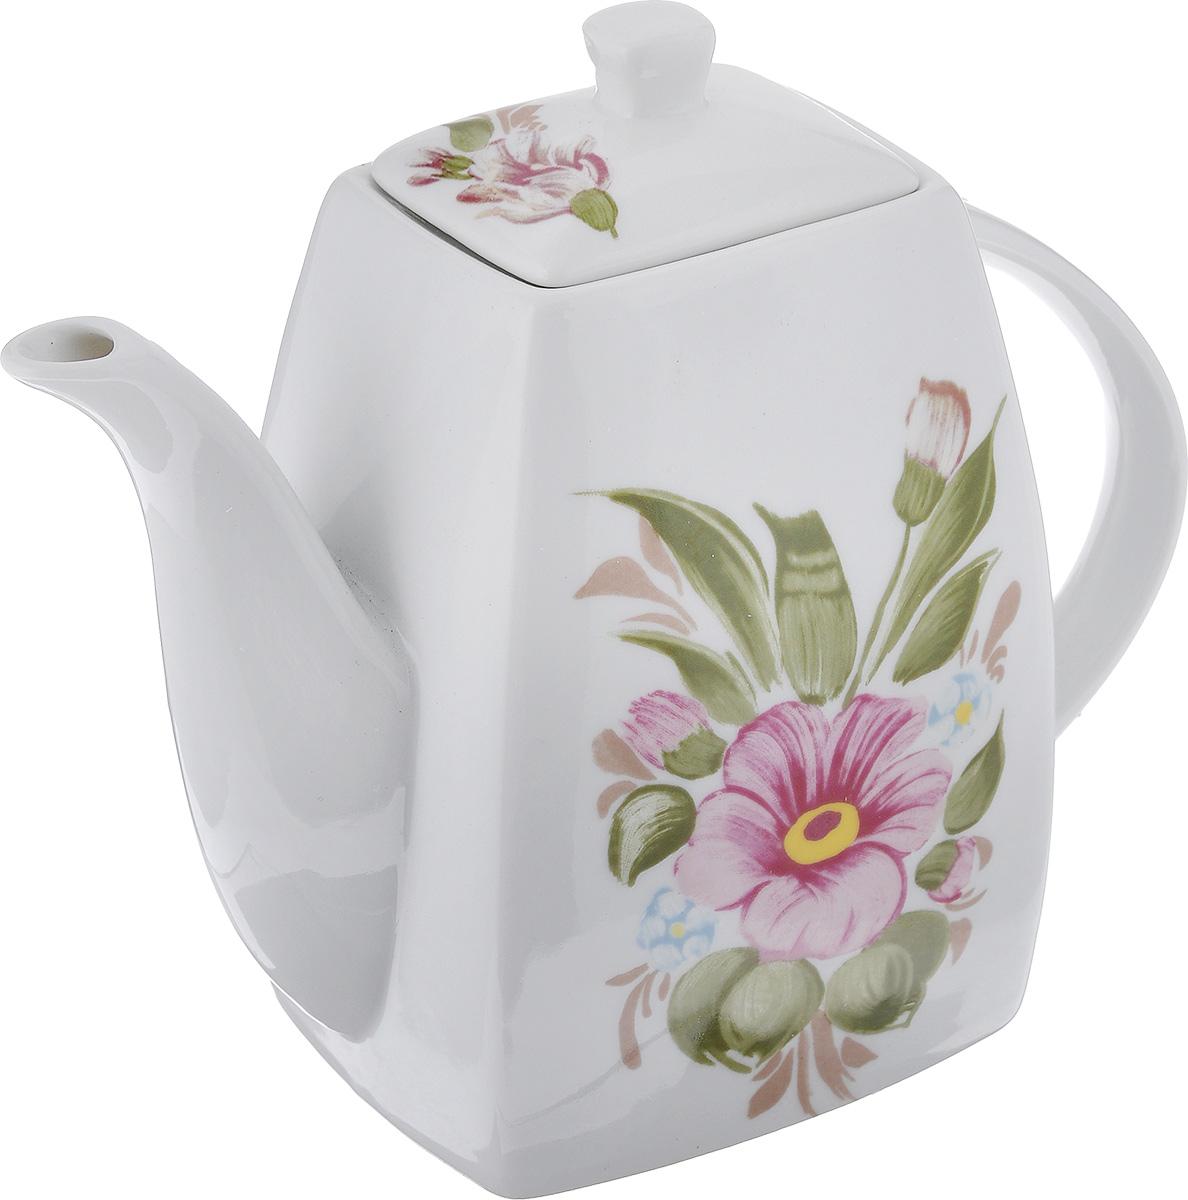 Чайник заварочный Loraine, 1 л. 2117521175Заварочный чайник Loraine поможет вам в приготовлении вкусного и ароматного чая, а также станет украшением вашей кухни. Он изготовлен из керамики и оформлен красочным изображением. Яркий цветочный рисунок придает чайнику особый шарм, он удобен в использовании и понравится каждому. Такой заварочный чайник станет приятным и практичным подарком на любой праздник. Размер чайника по верхнему краю: 8,2 см х 6,5 см. Размер дна: 11 см х 9 см. Высота чайника без учета крышки: 15,5 см.